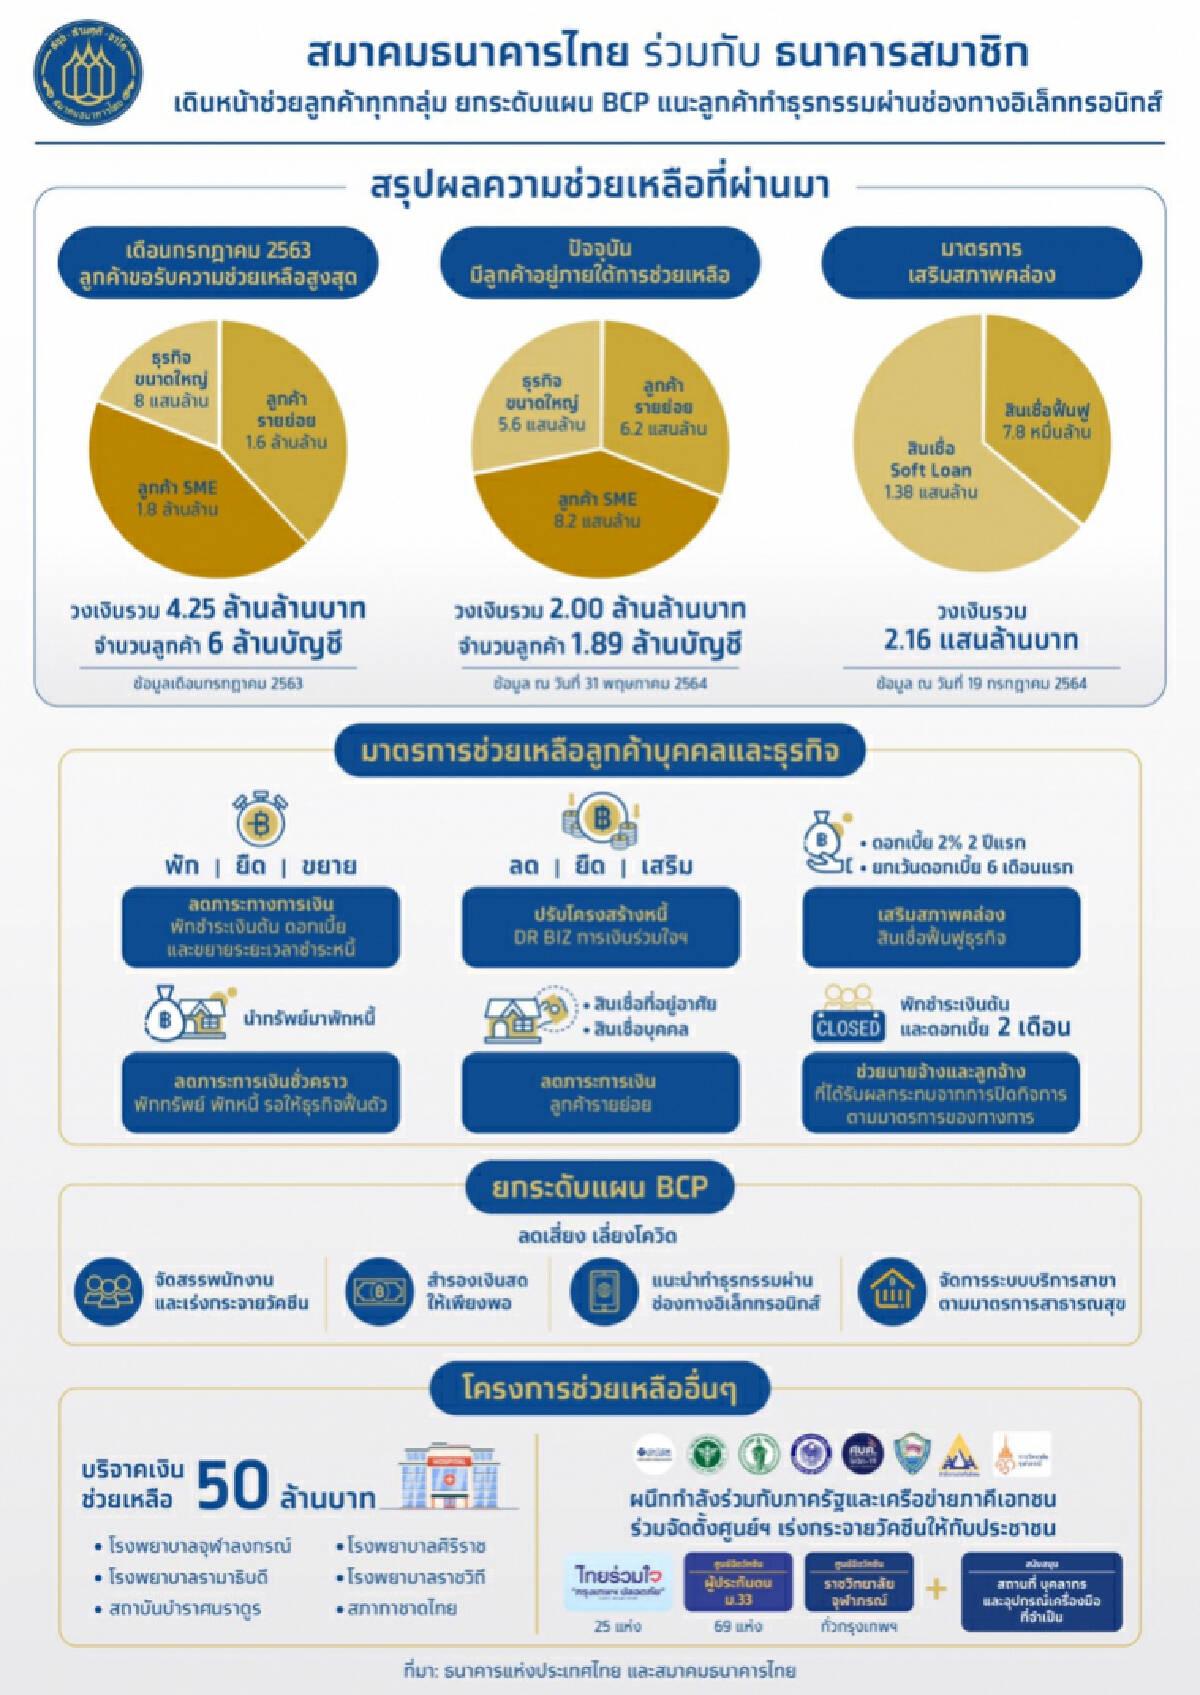 สมาคมธนาคารไทยและสมาชิก อุ้มลูกค้าฝ่าโควิด ช่วยแล้วกว่า 4.25 ล้านล้านบาท